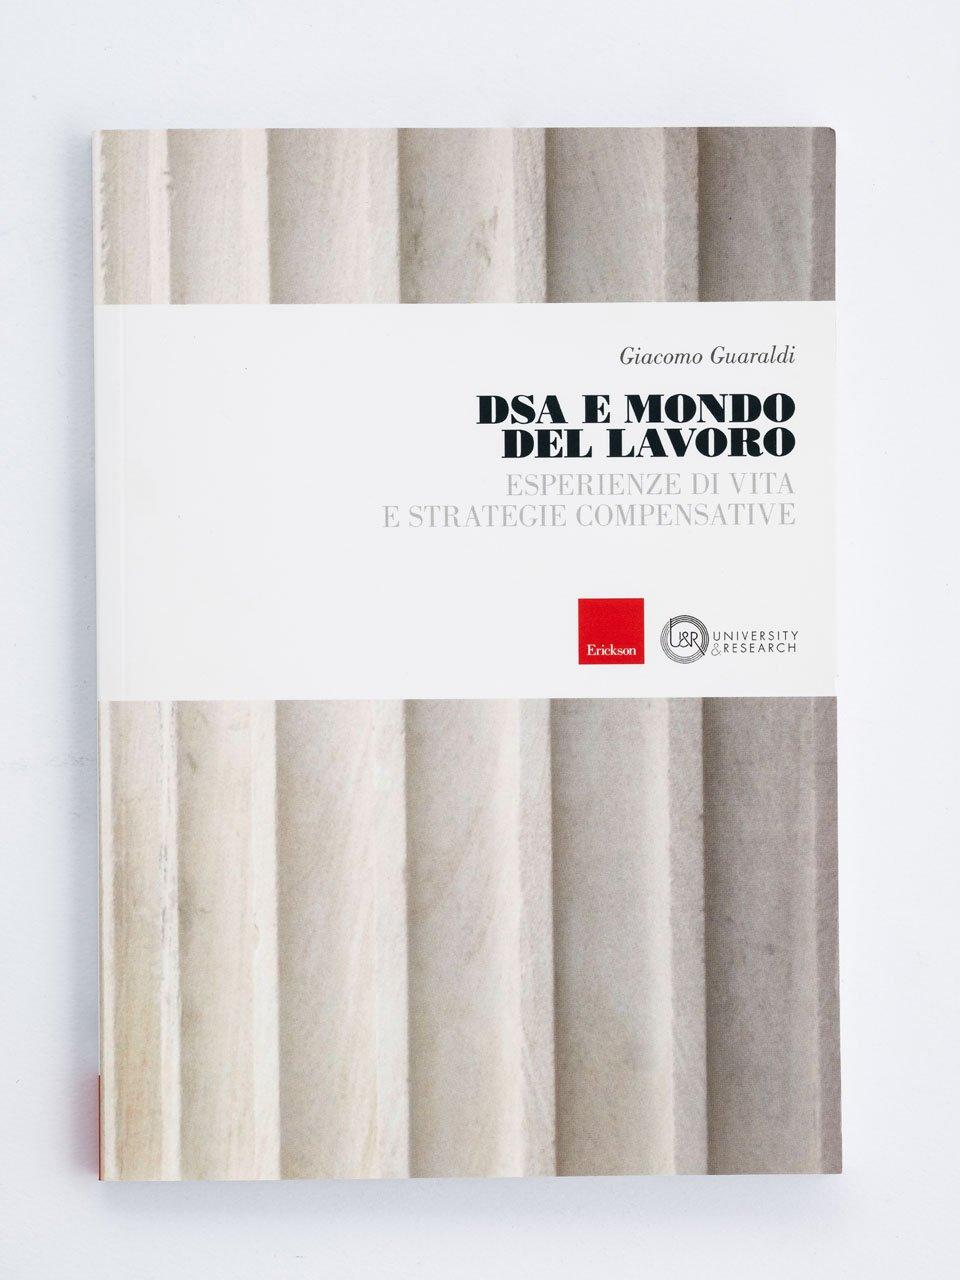 DSA e mondo del lavoro - Il Servizio Civile tra valori civici e competenze  - Libri - Erickson